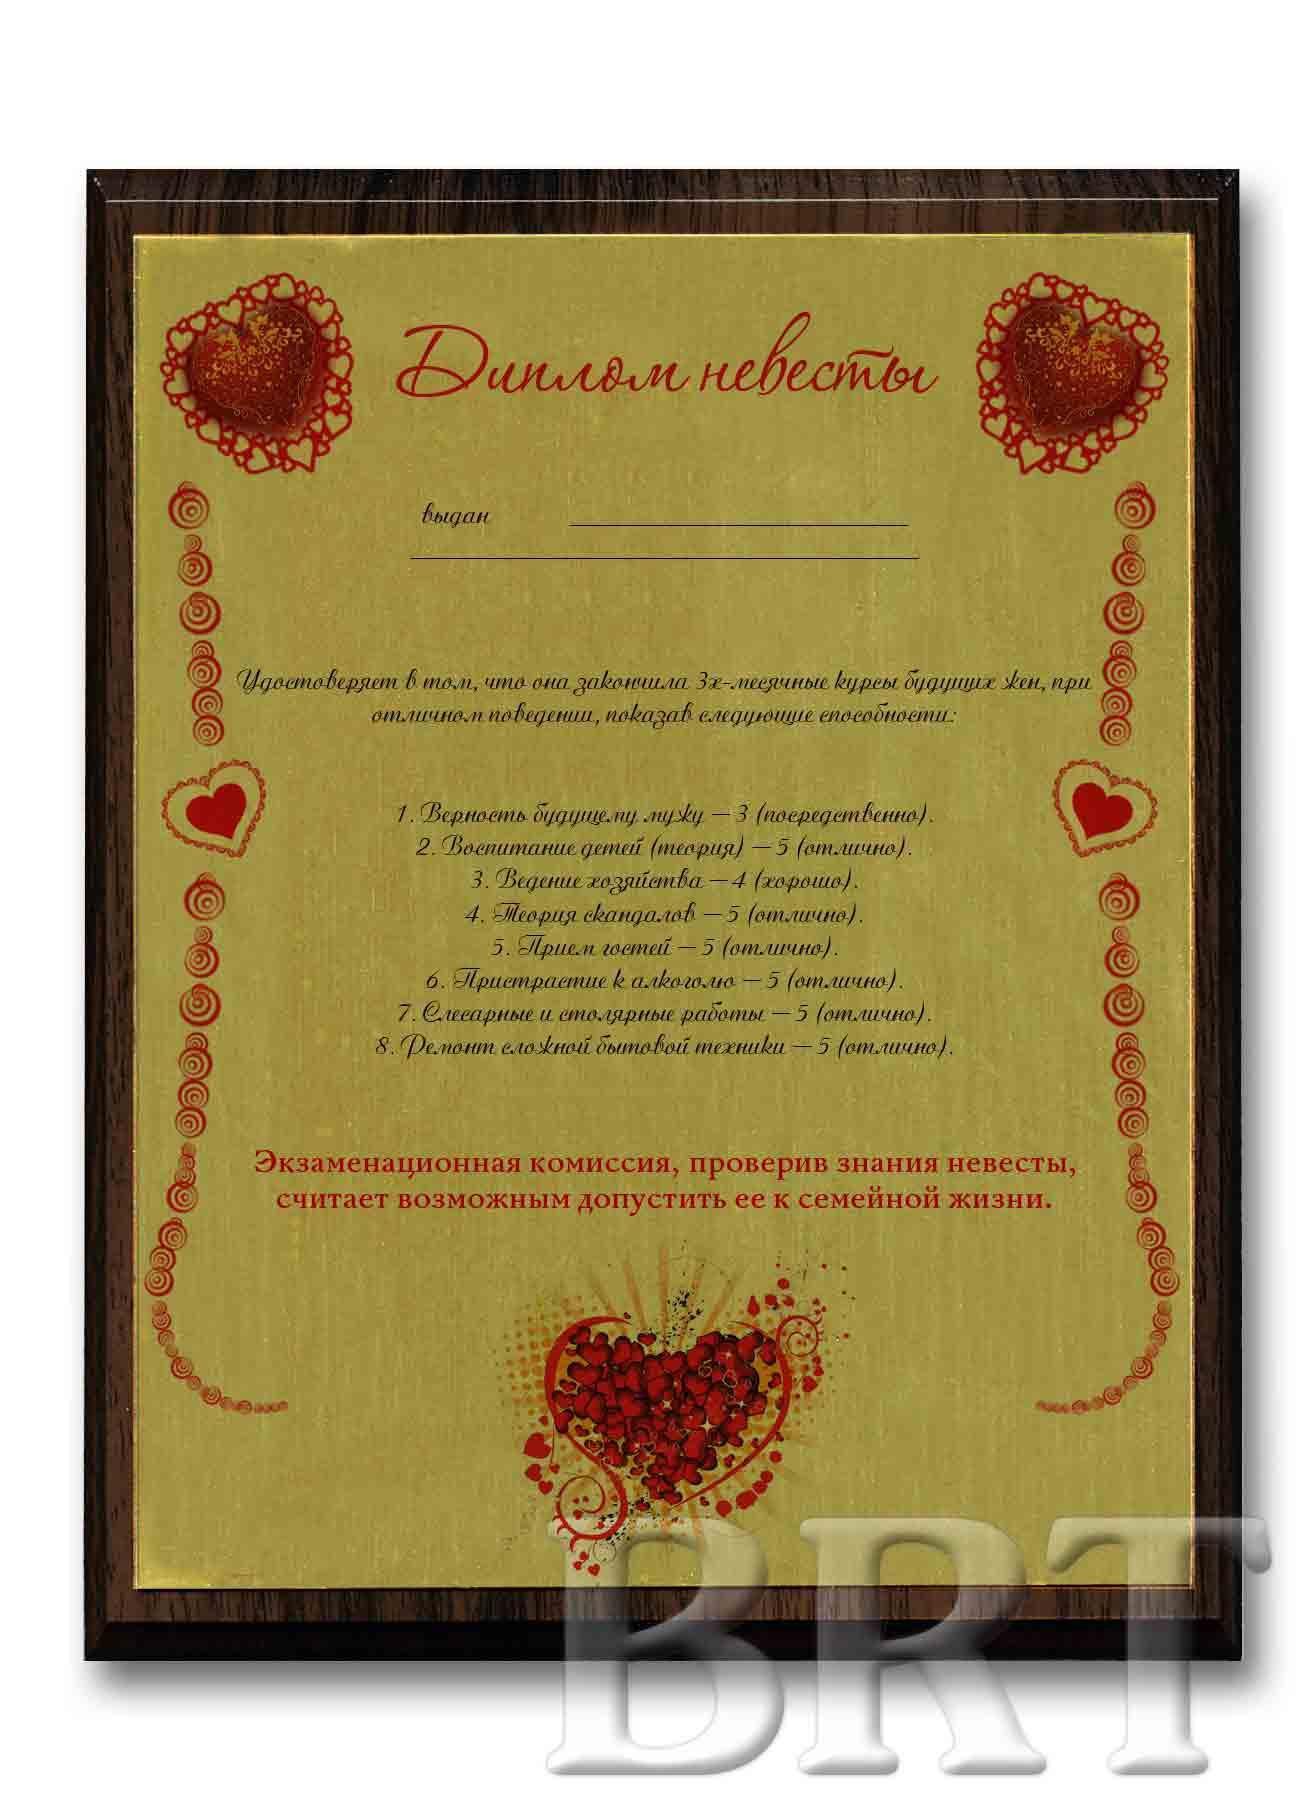 Прикольные дипломы шуточные дипломы Бюро рекламных технологий свидетельство невесты